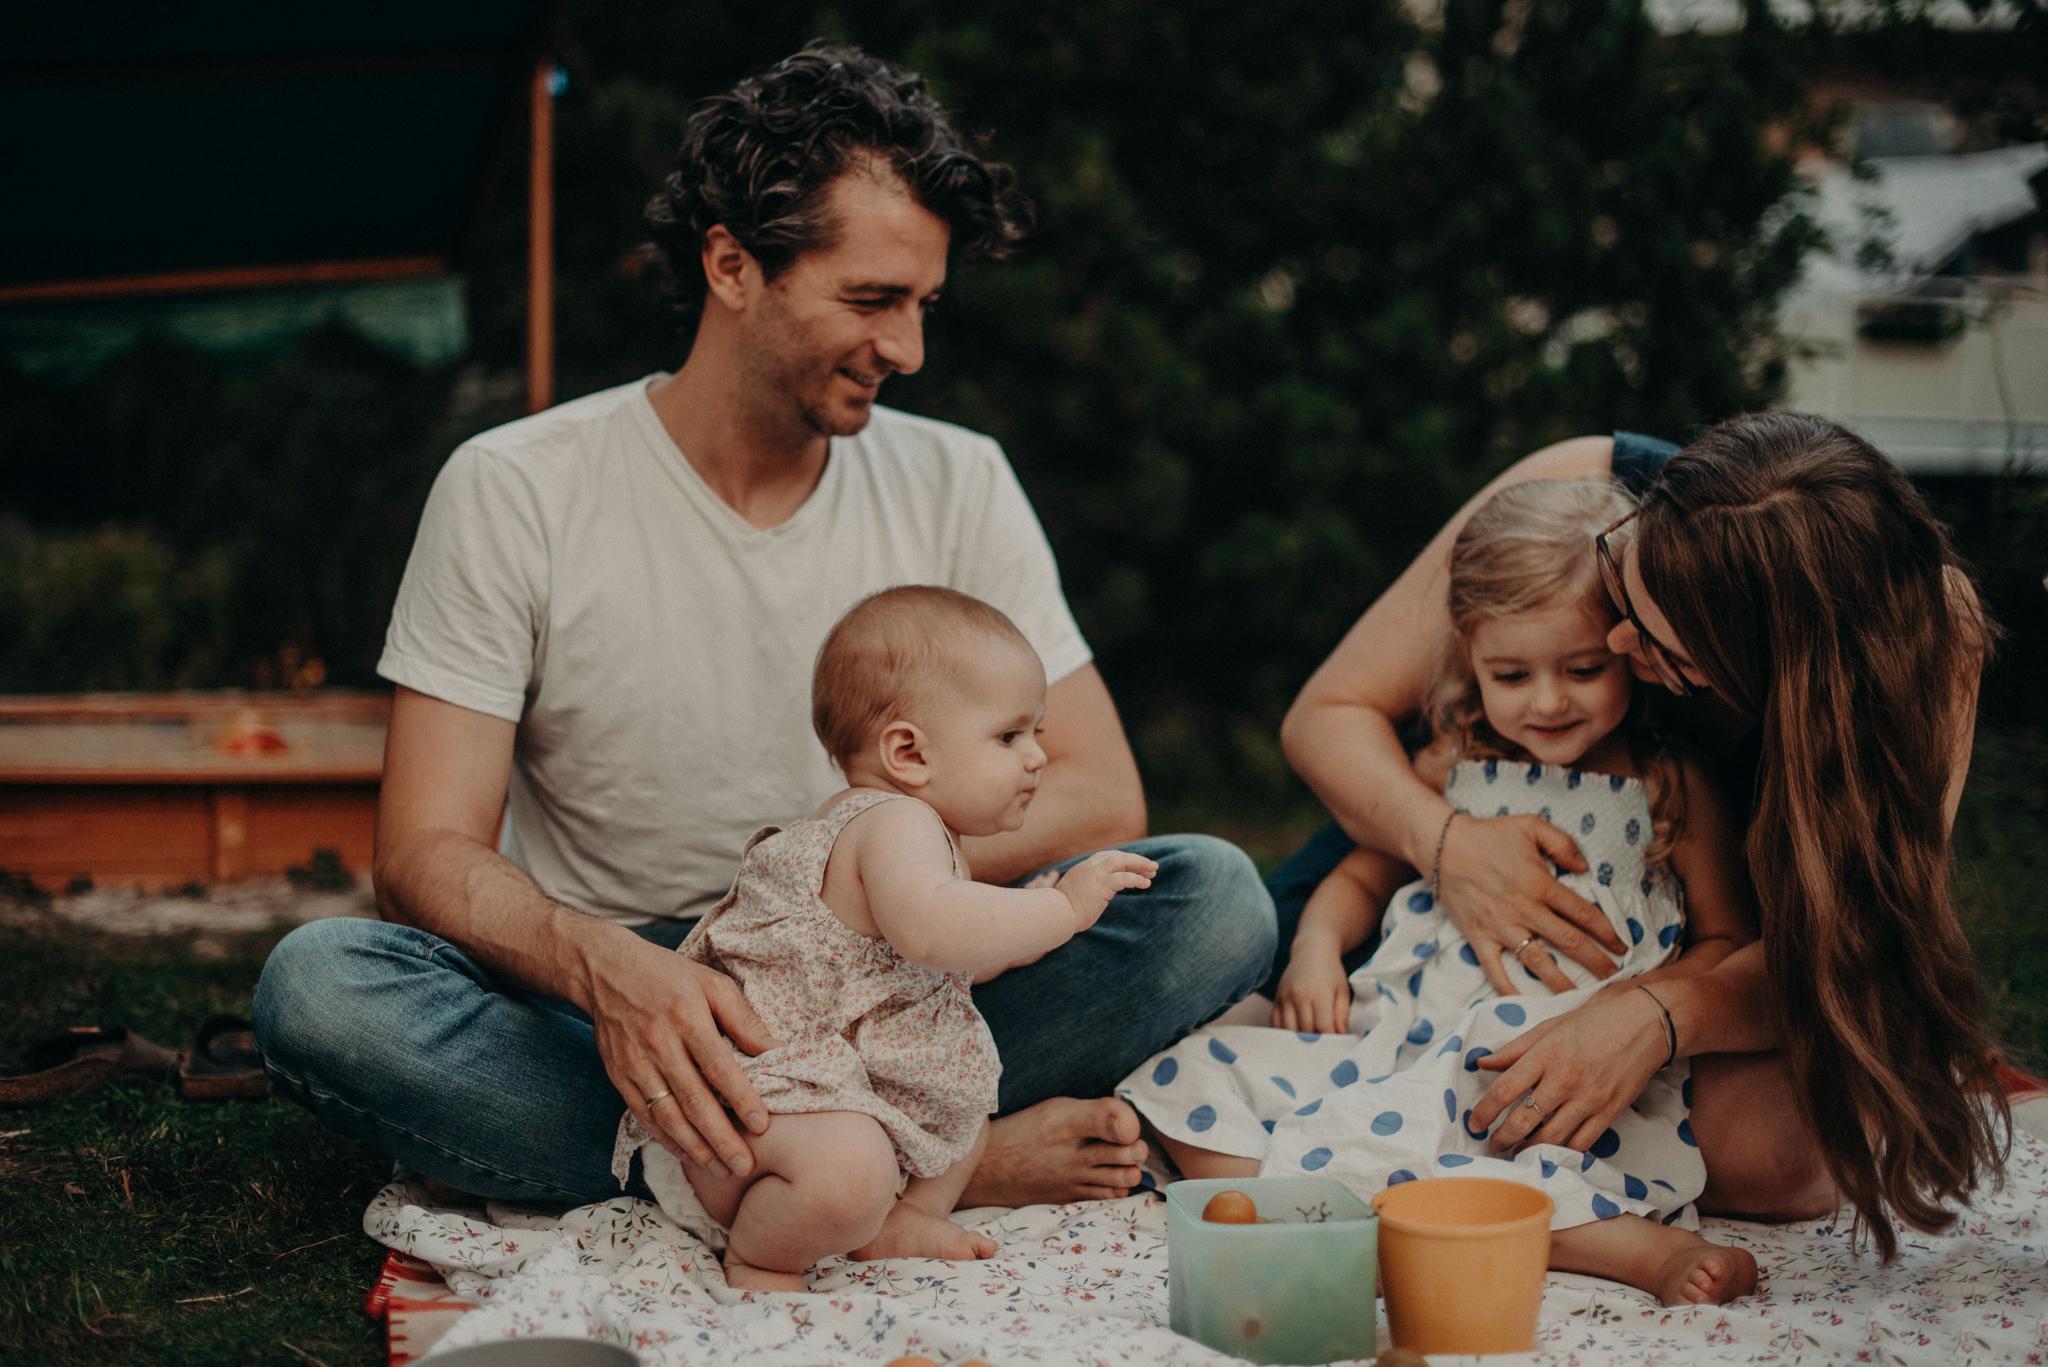 Familie auf Picknickdecke im Garten, natürliches Familienfoto entstanden bei Familienfotoshooting in Freiburg